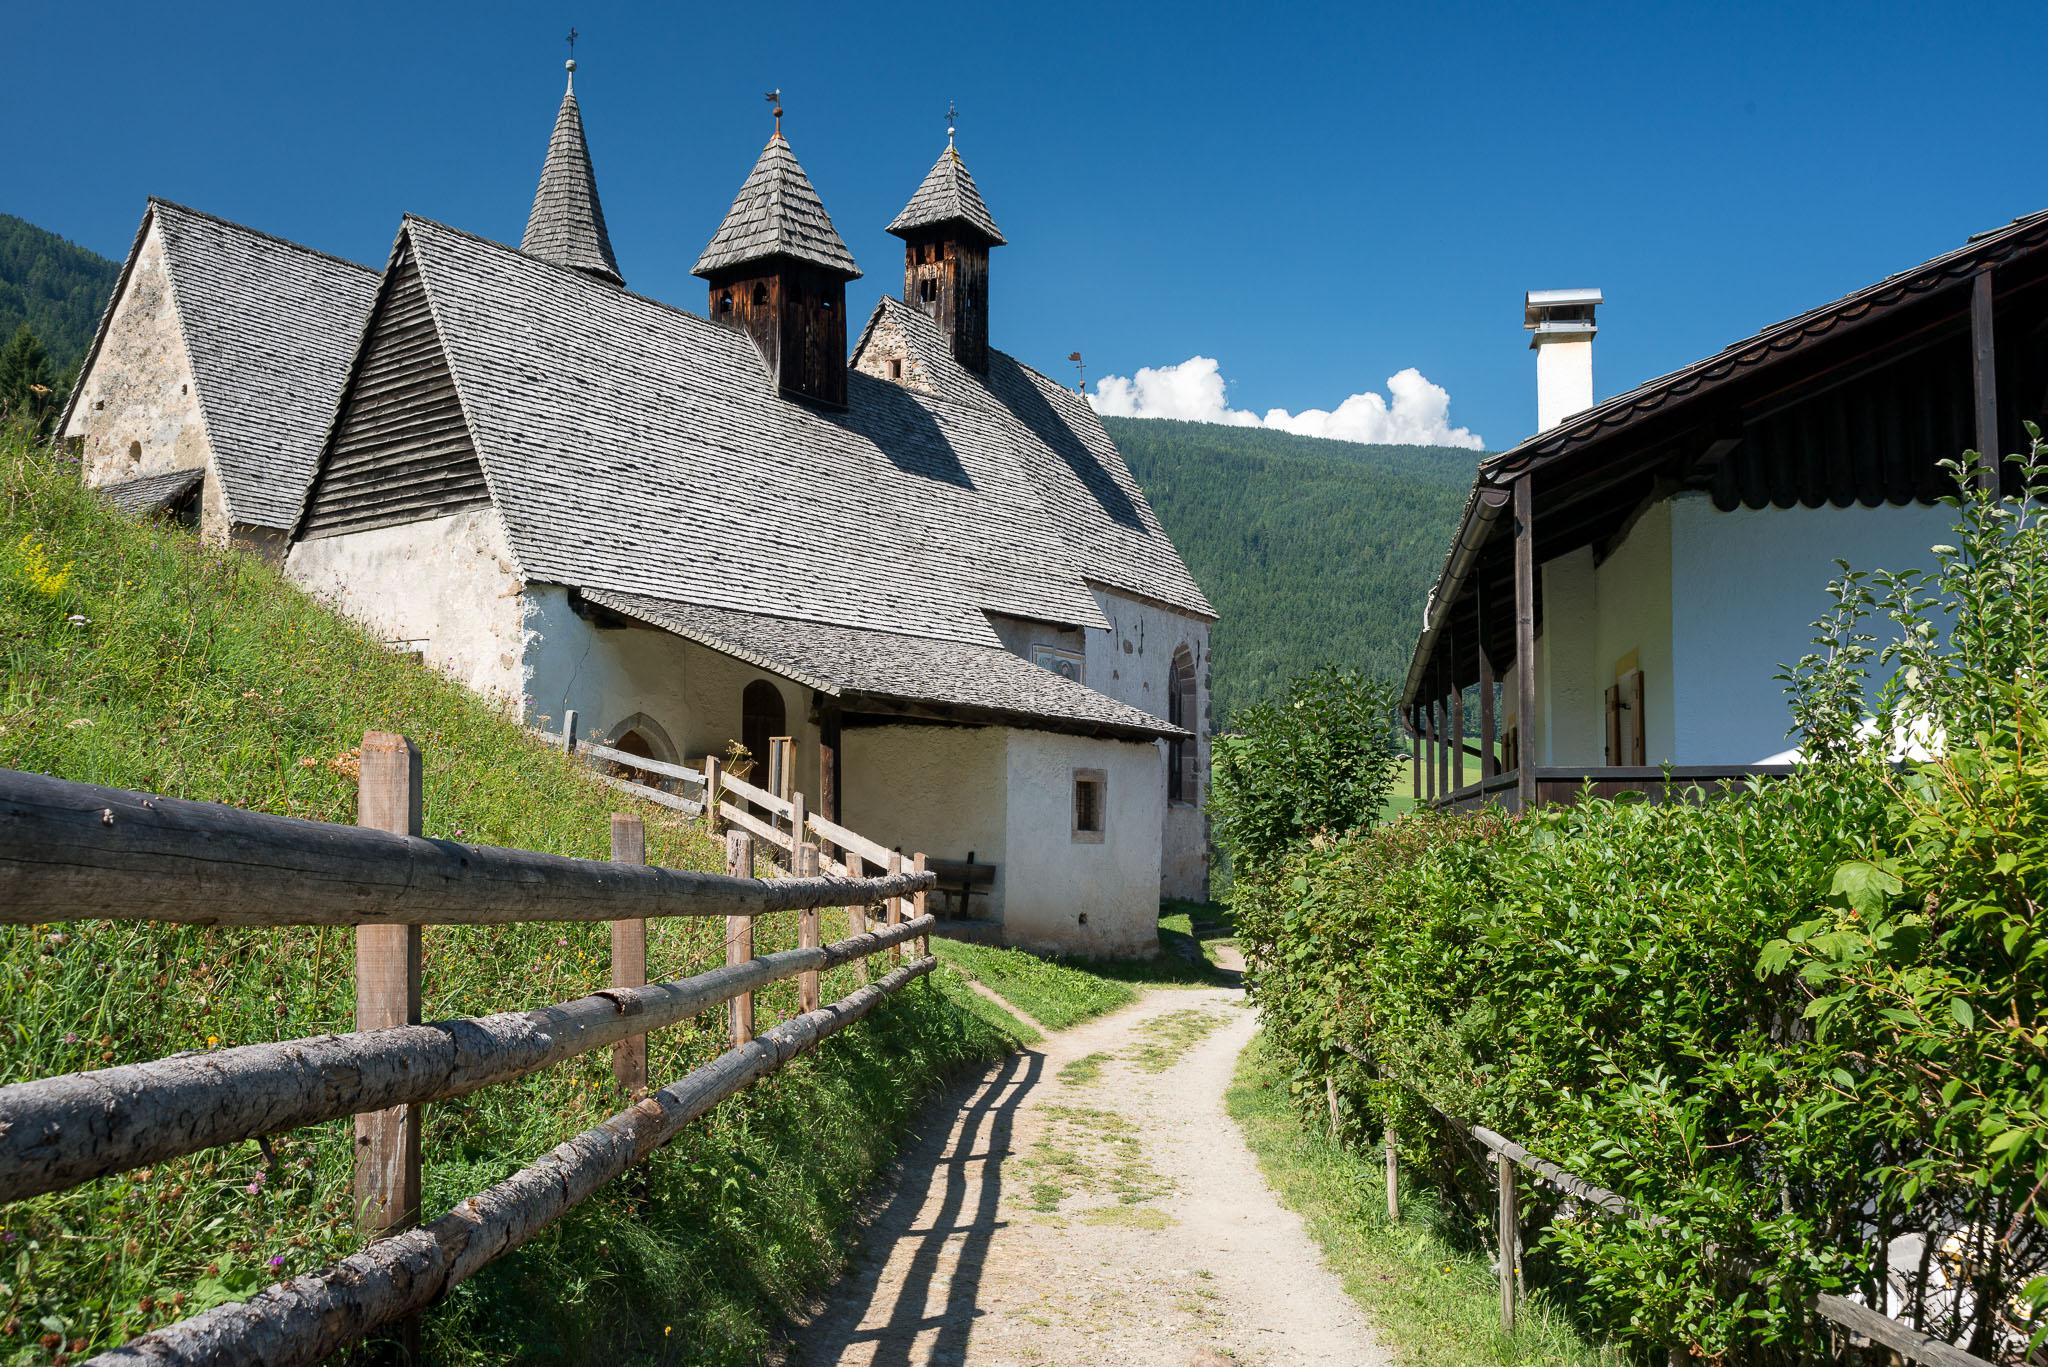 Die drei zusammenhängend gebauten gotischen Kapellen von Bad Dreikirchen, unterhalb von Briol gelegen.